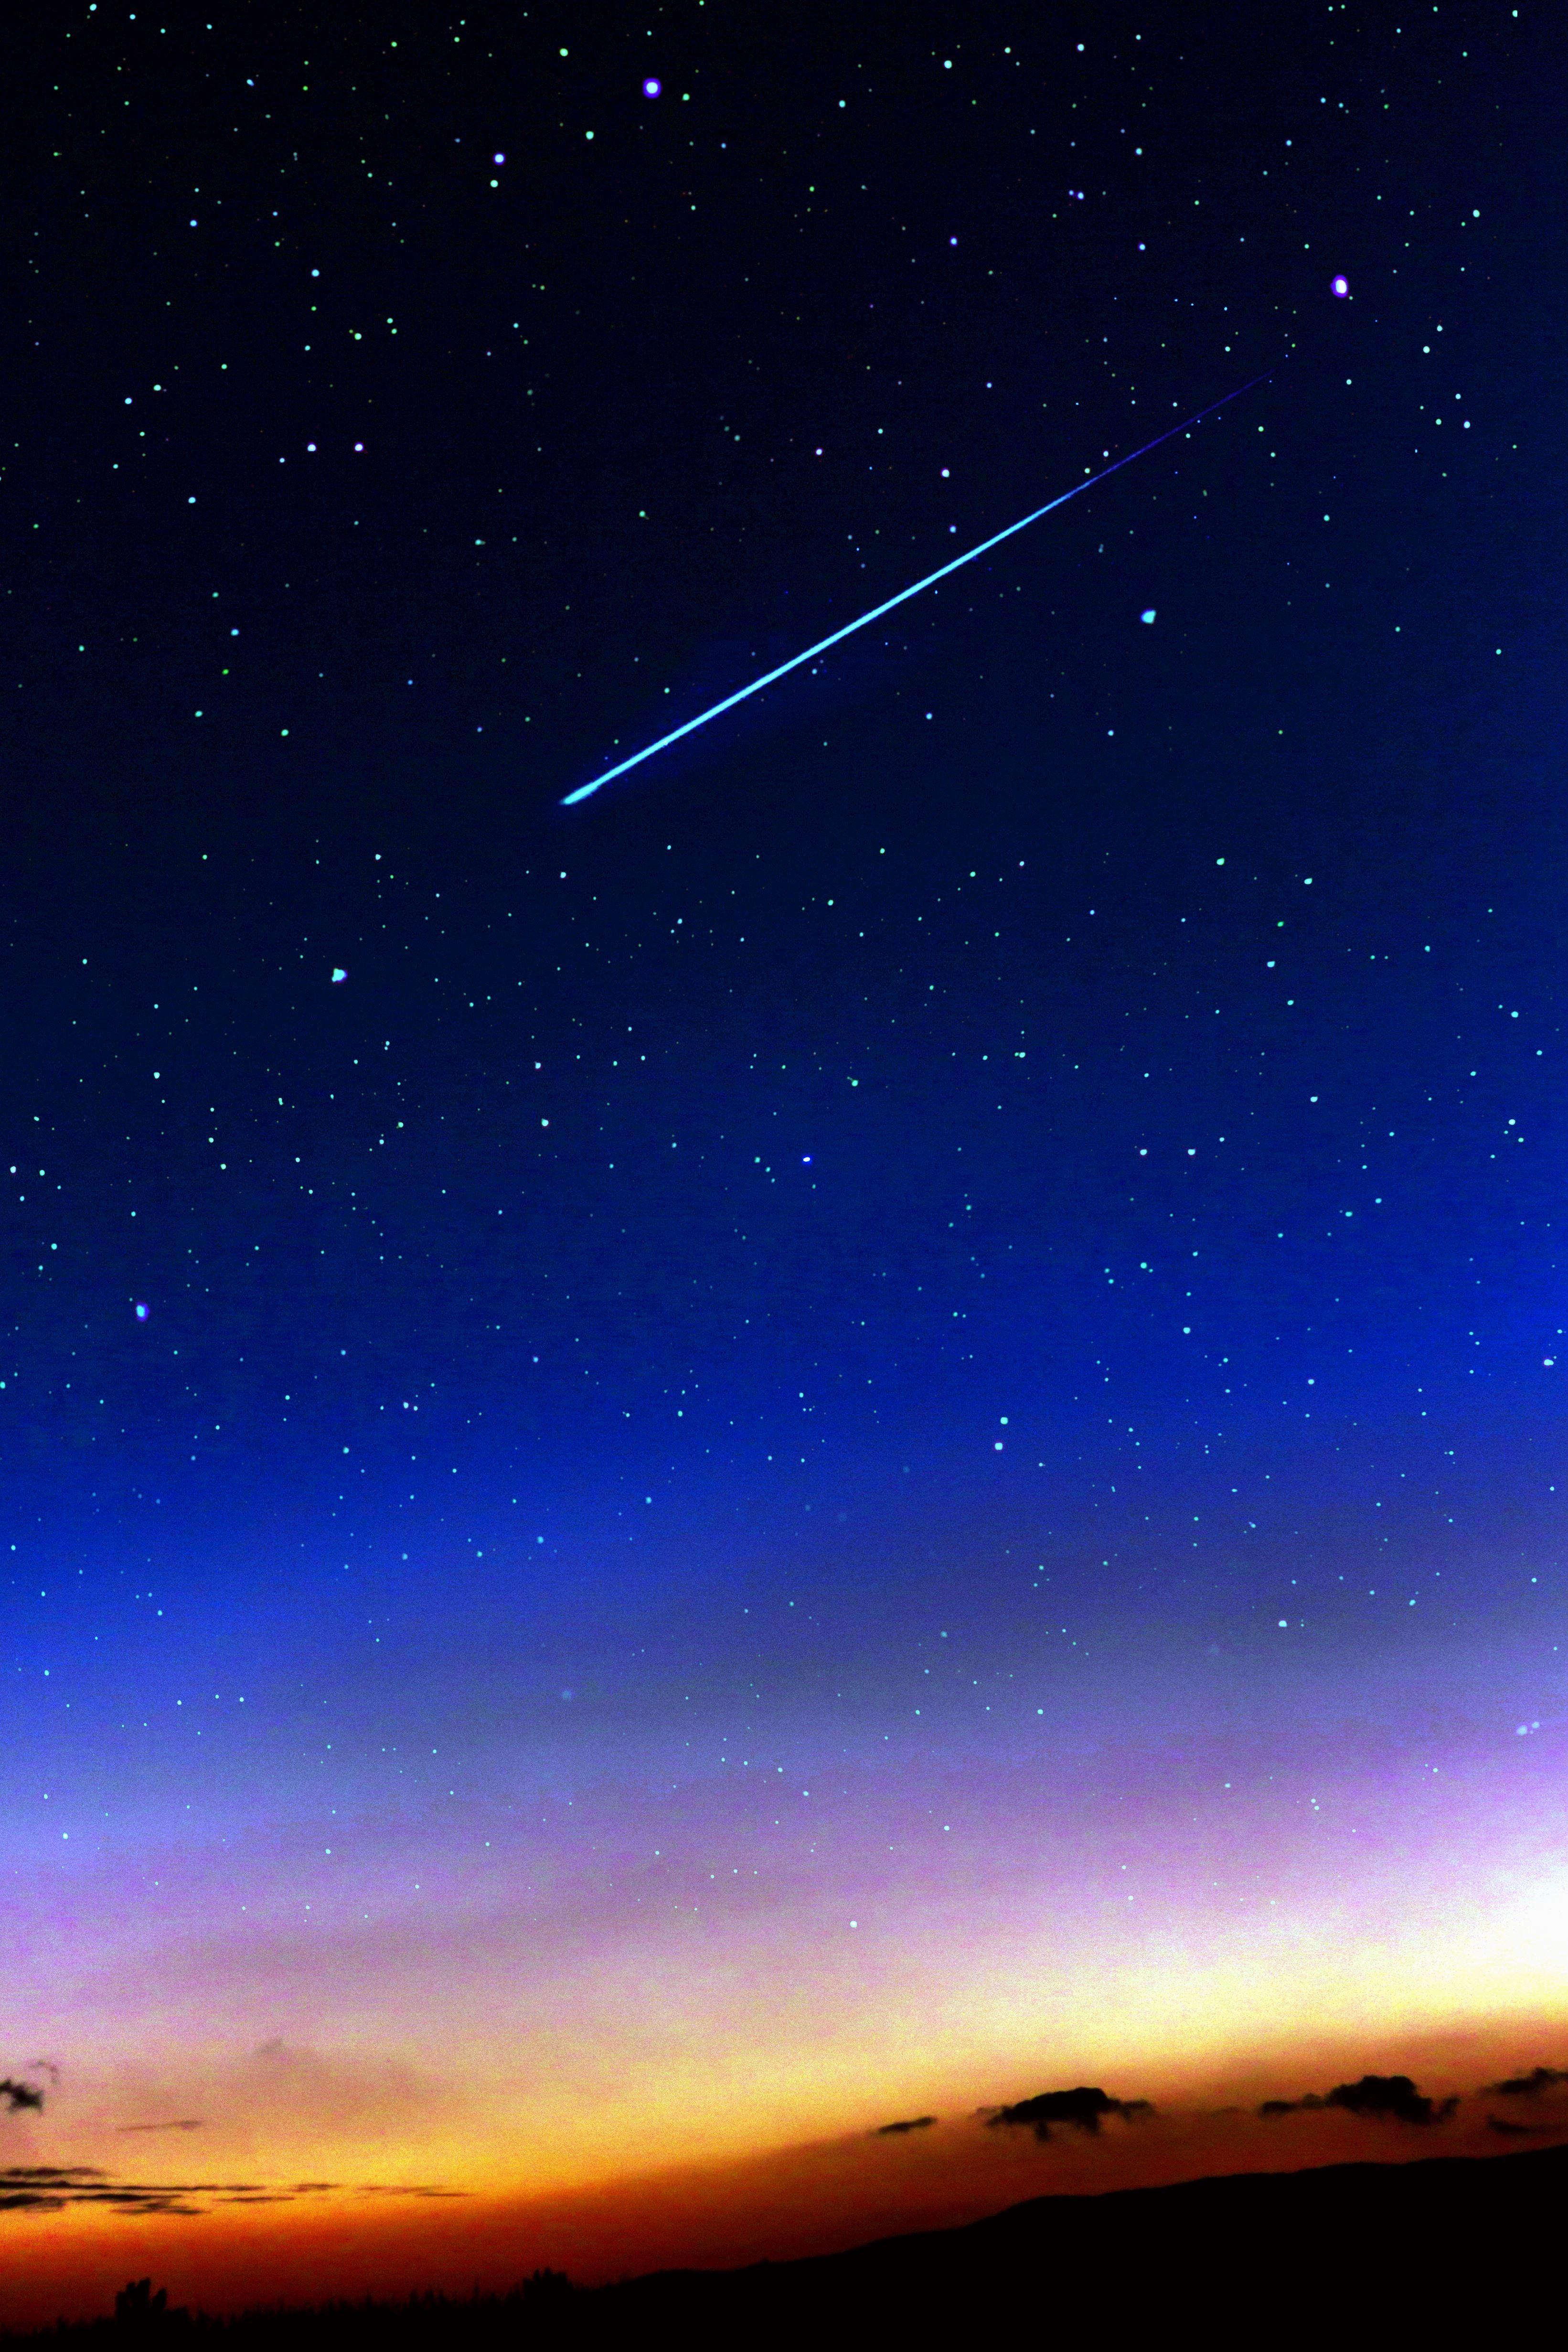 image libre toile astronomie atmosph re ciel espace galaxie nuit. Black Bedroom Furniture Sets. Home Design Ideas